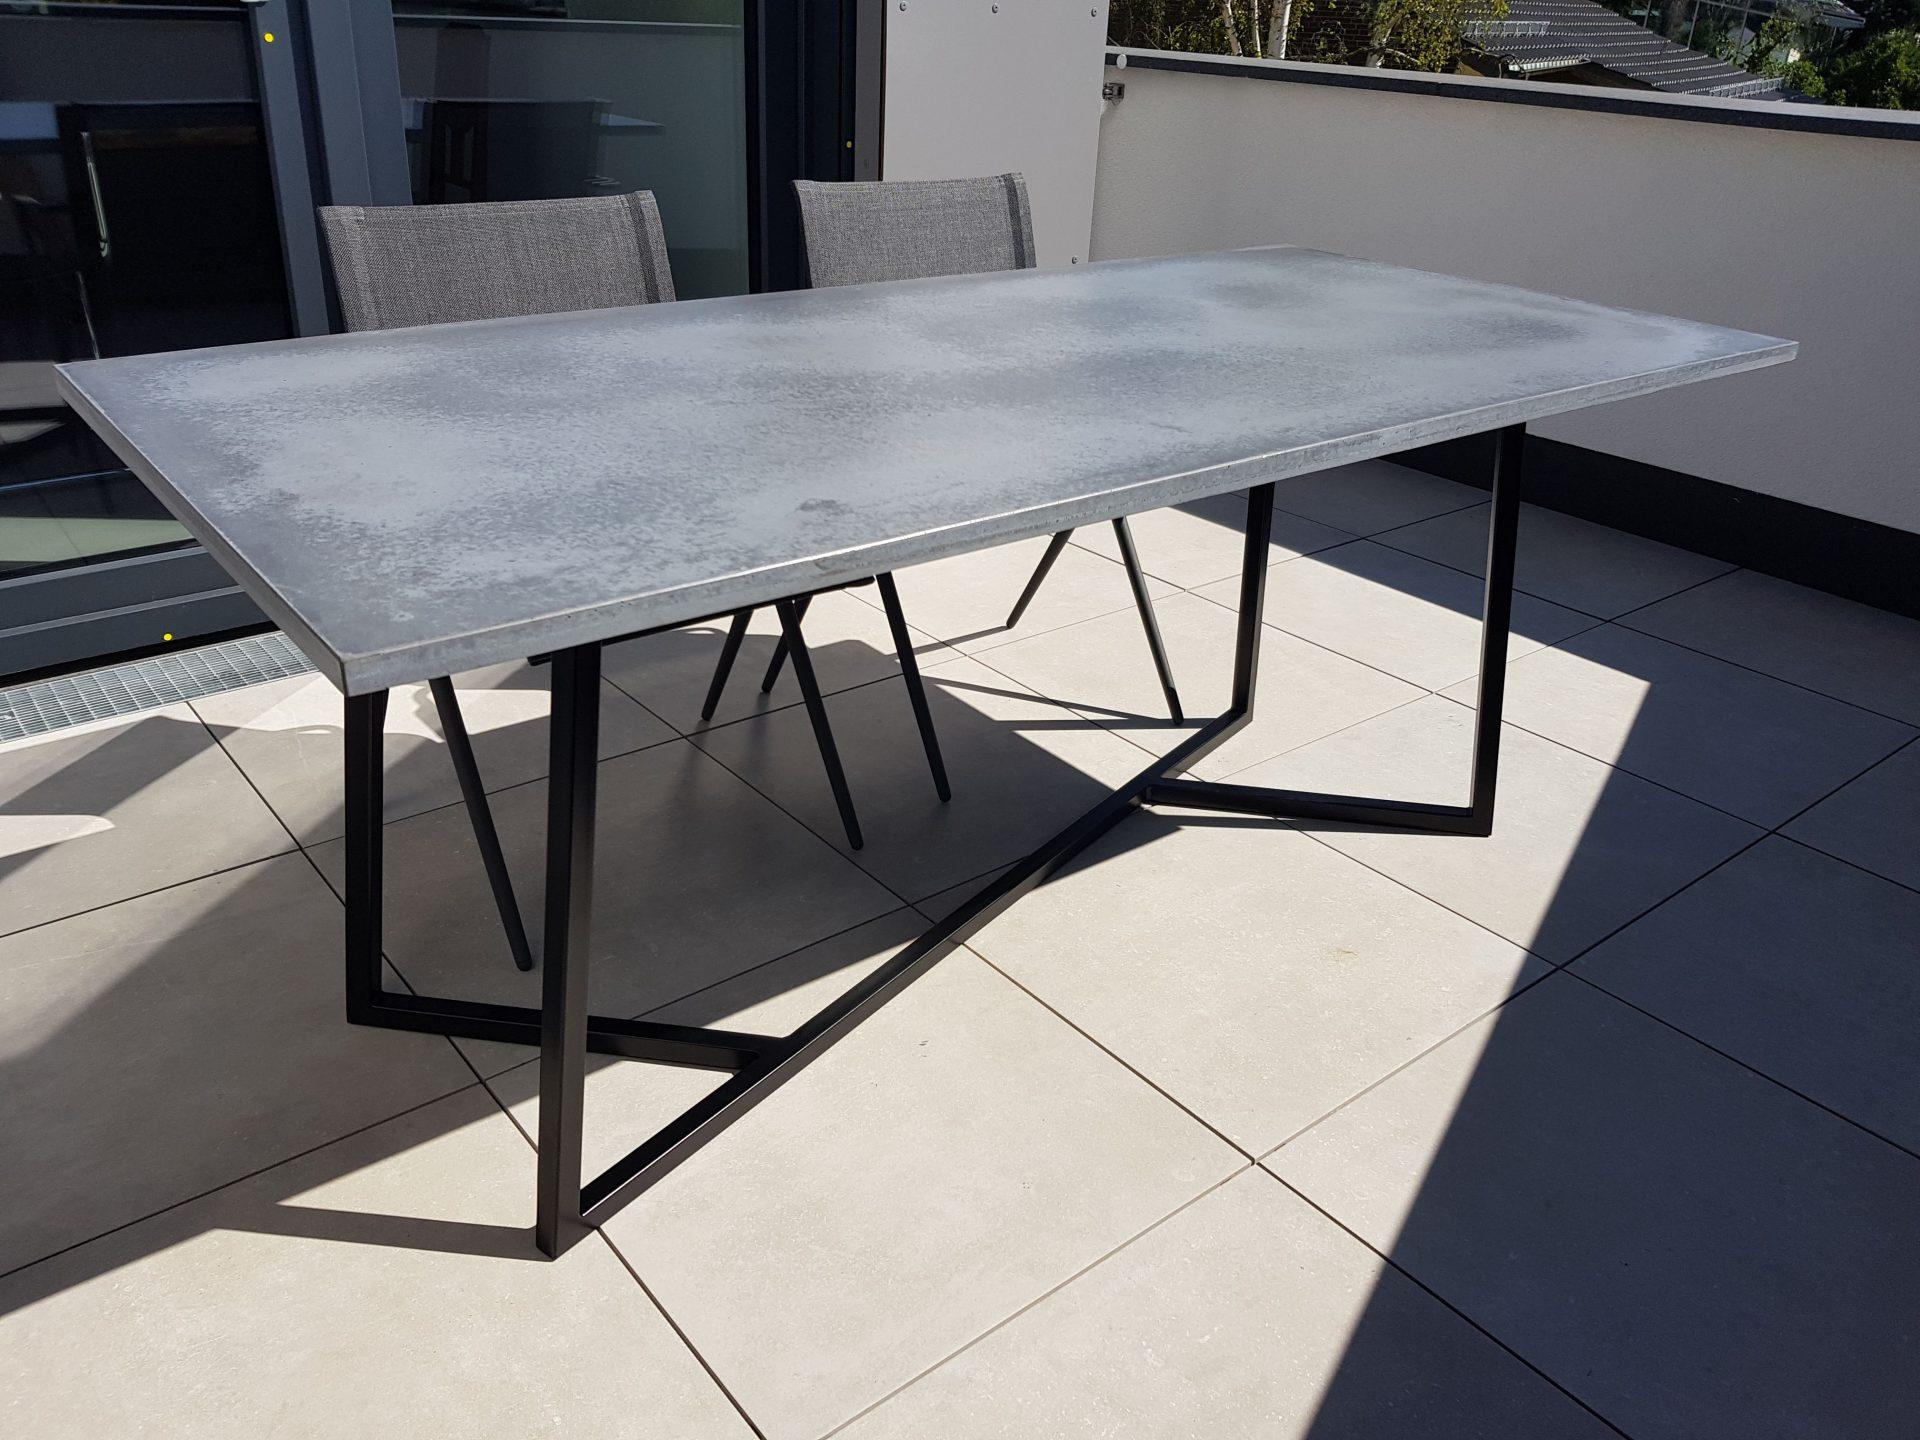 Beton Gartentisch.Beton Gartentisch B K Design